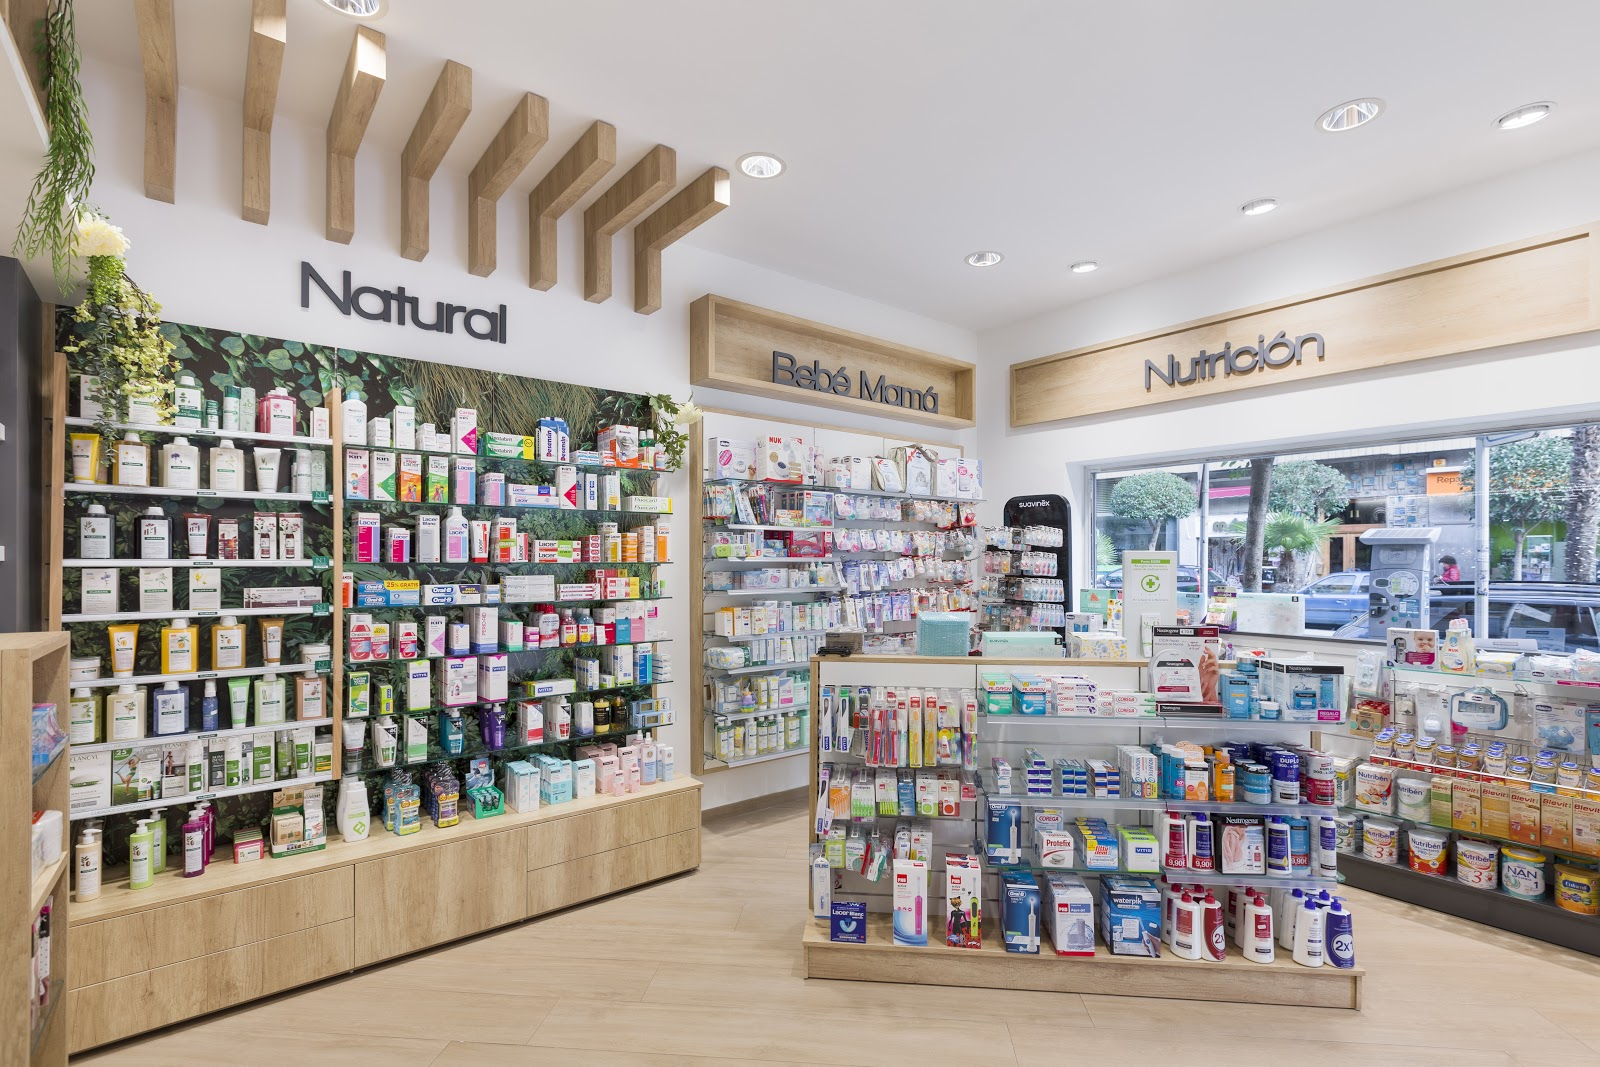 Las 5 claves para construir una experiencia de compra en la farmacia única.